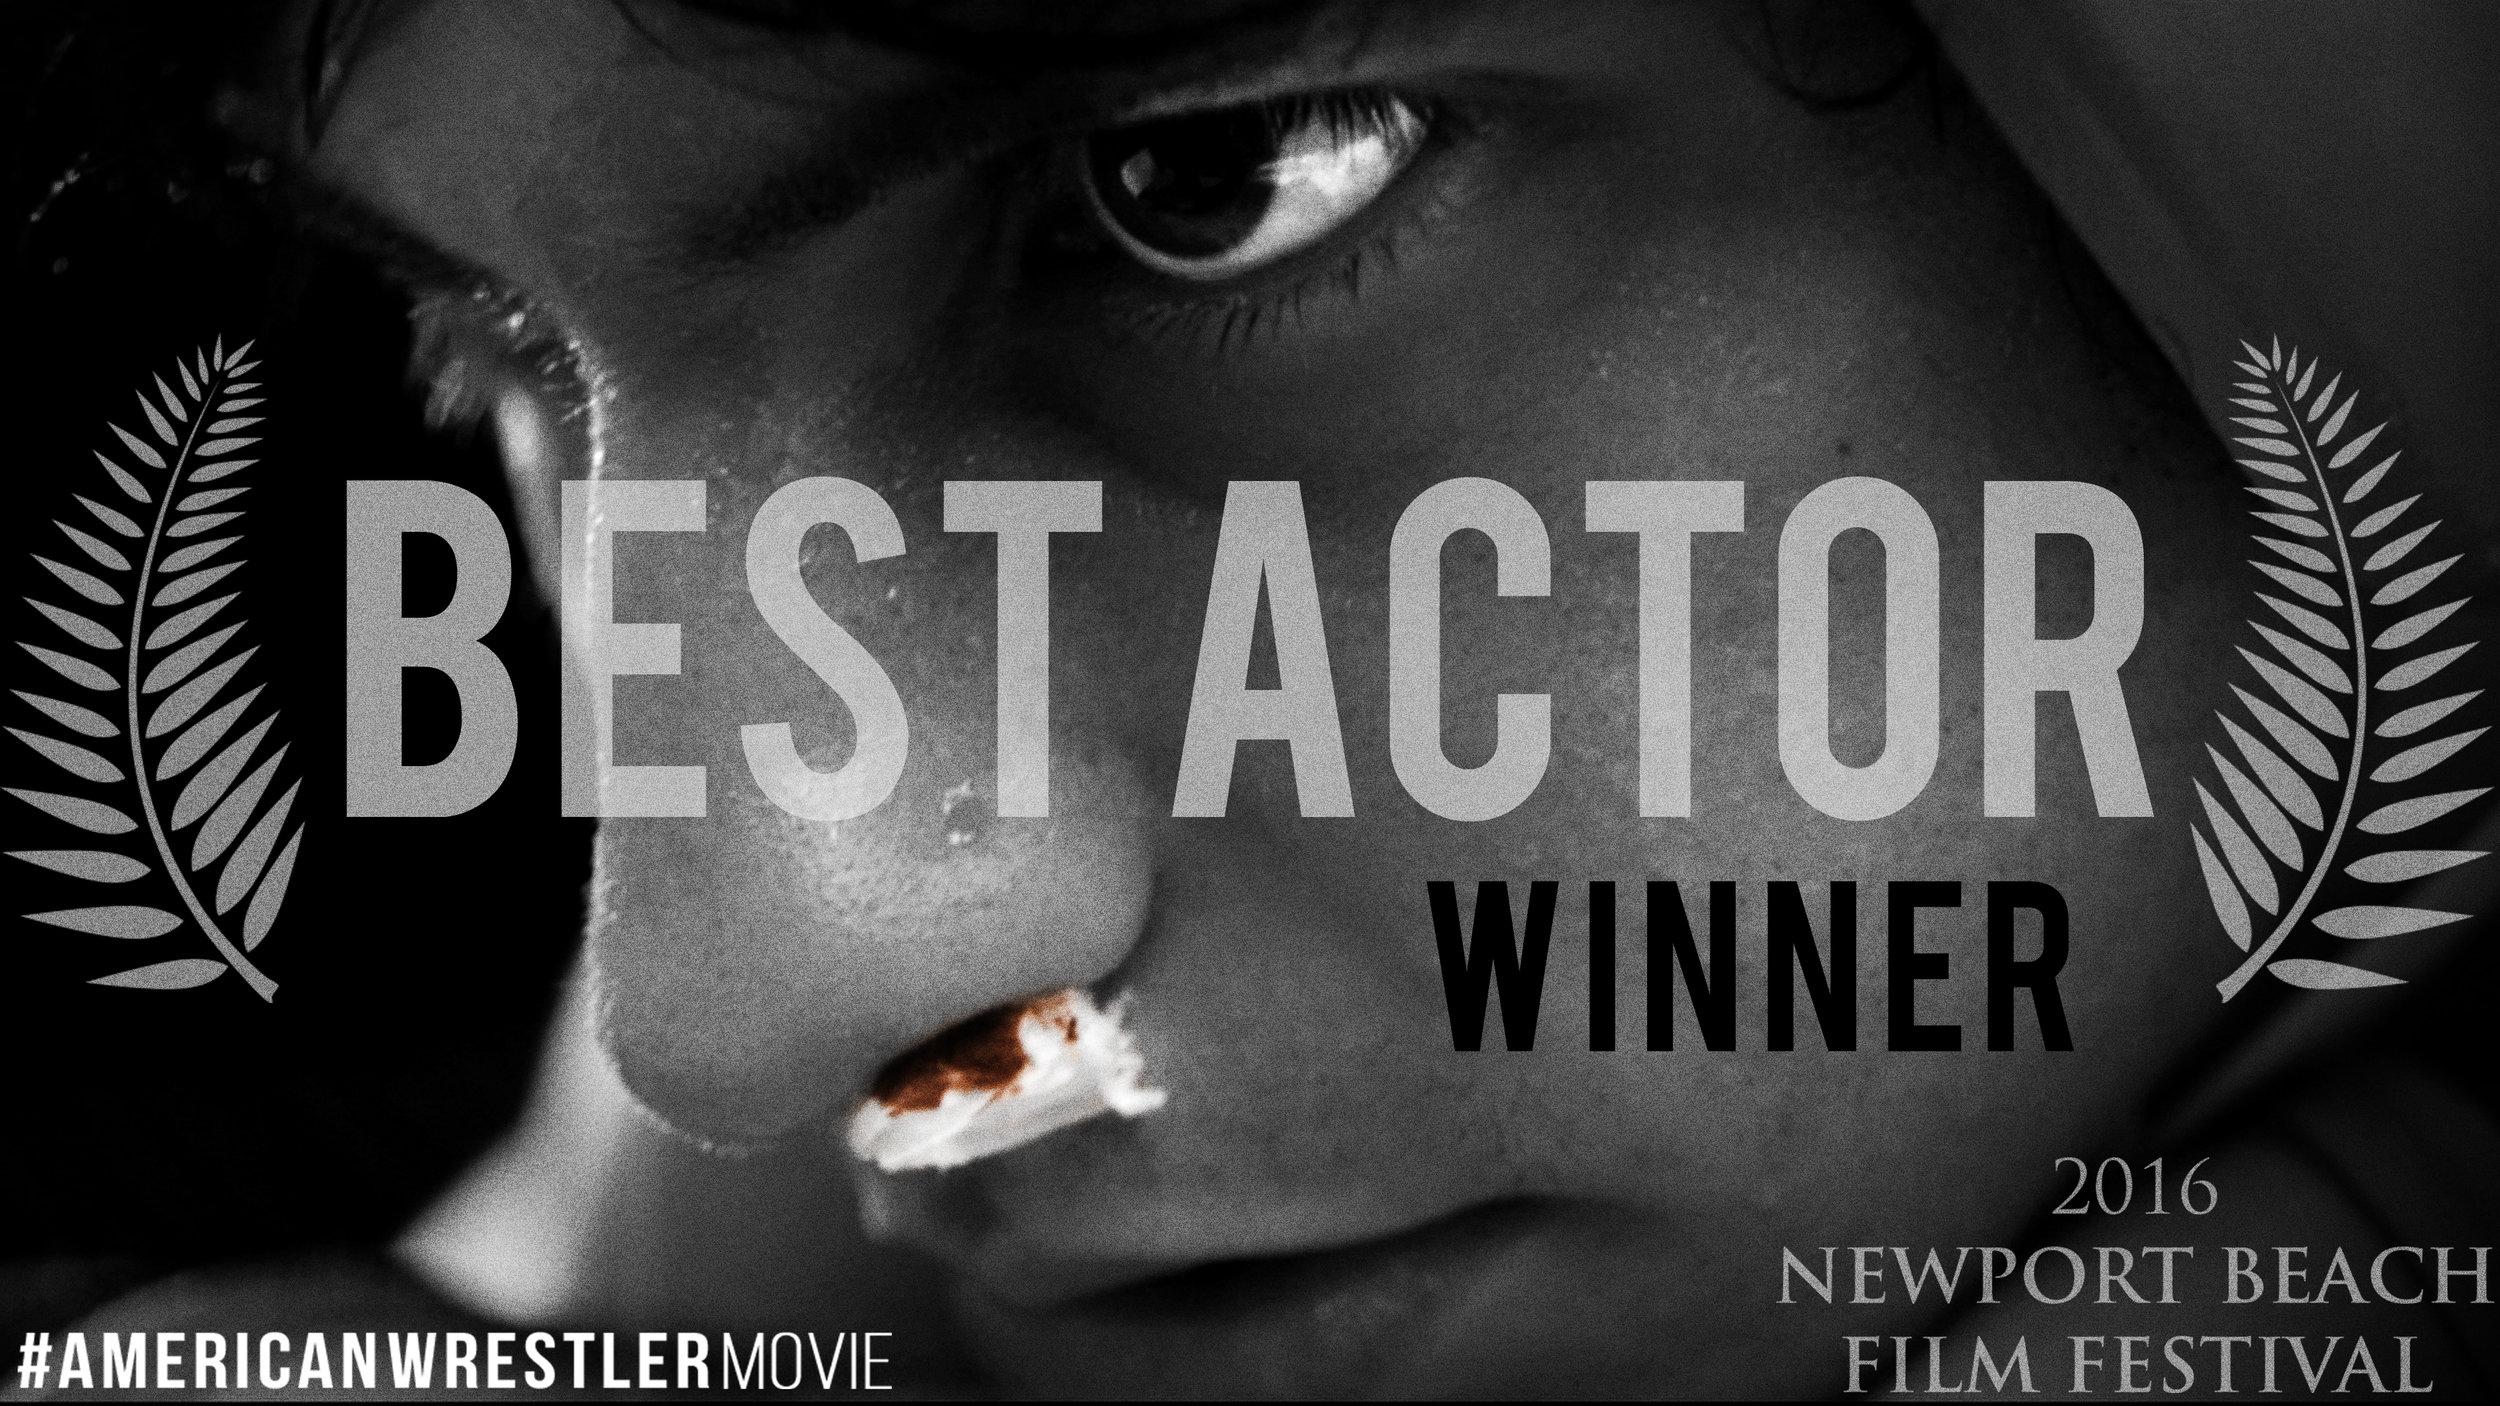 winnerbestactor.jpeg